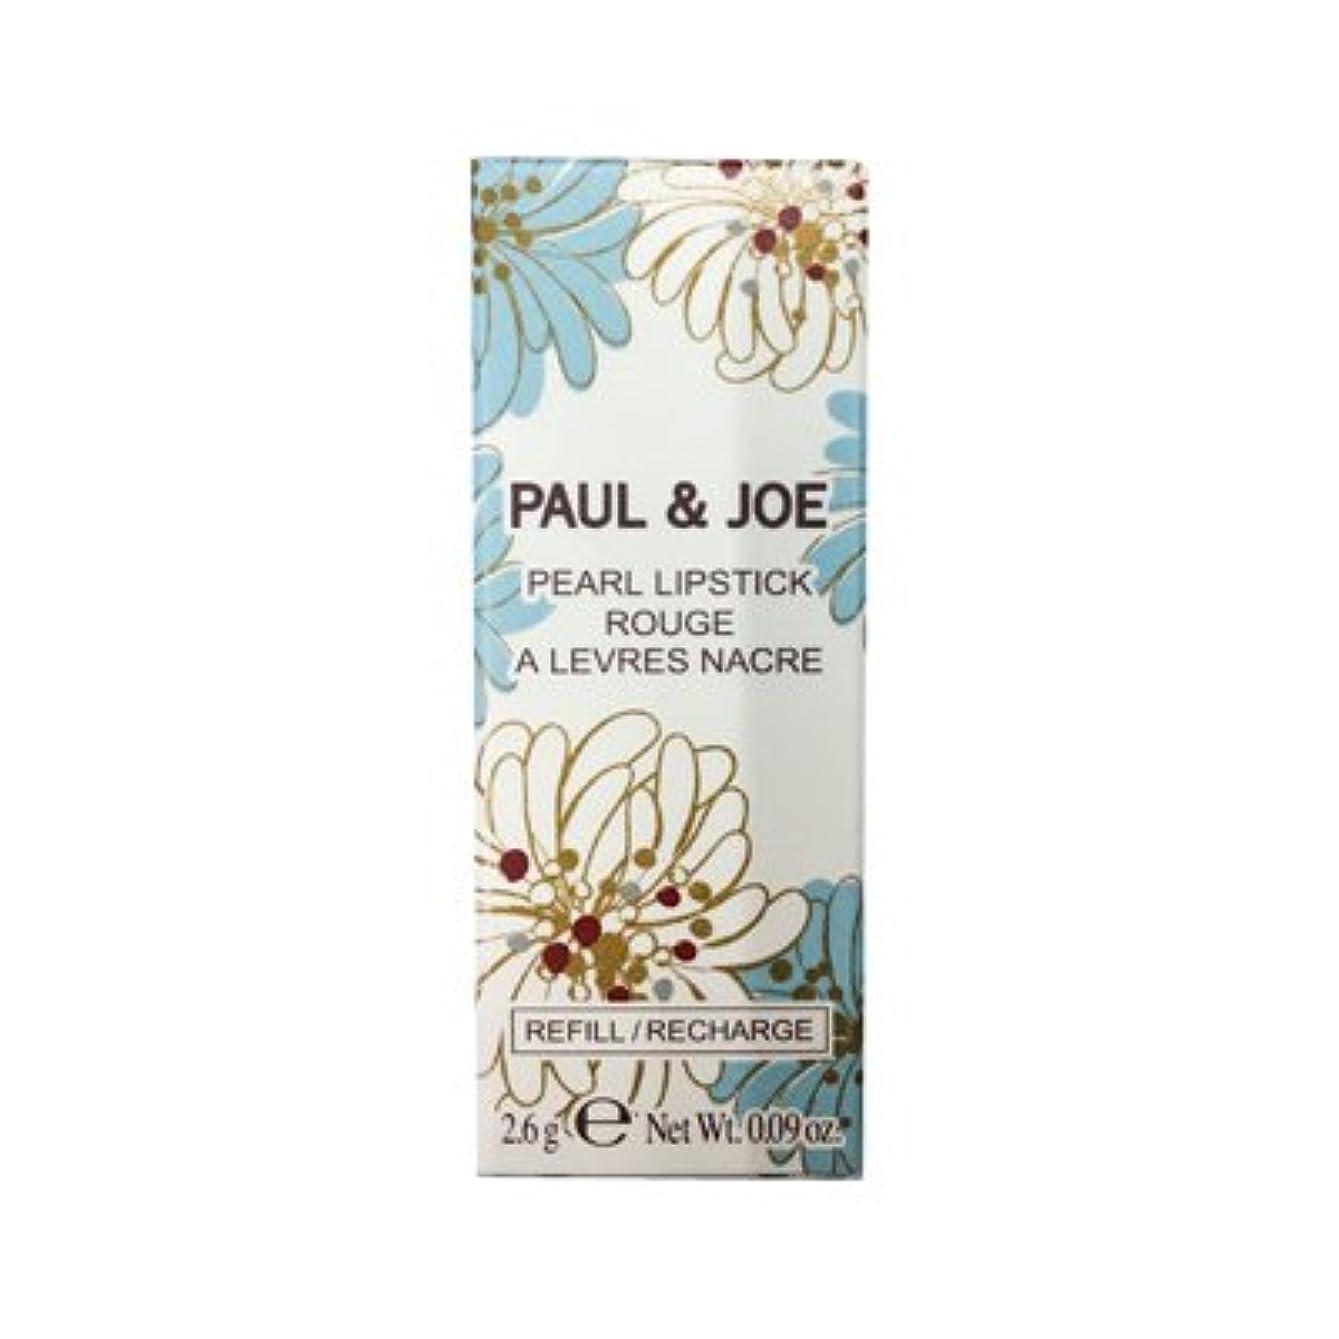 リベラル彼らのもの石膏ポール & ジョー/PAUL & JOE リップスティックスクレドール(レフィル) #402 [並行輸入品]